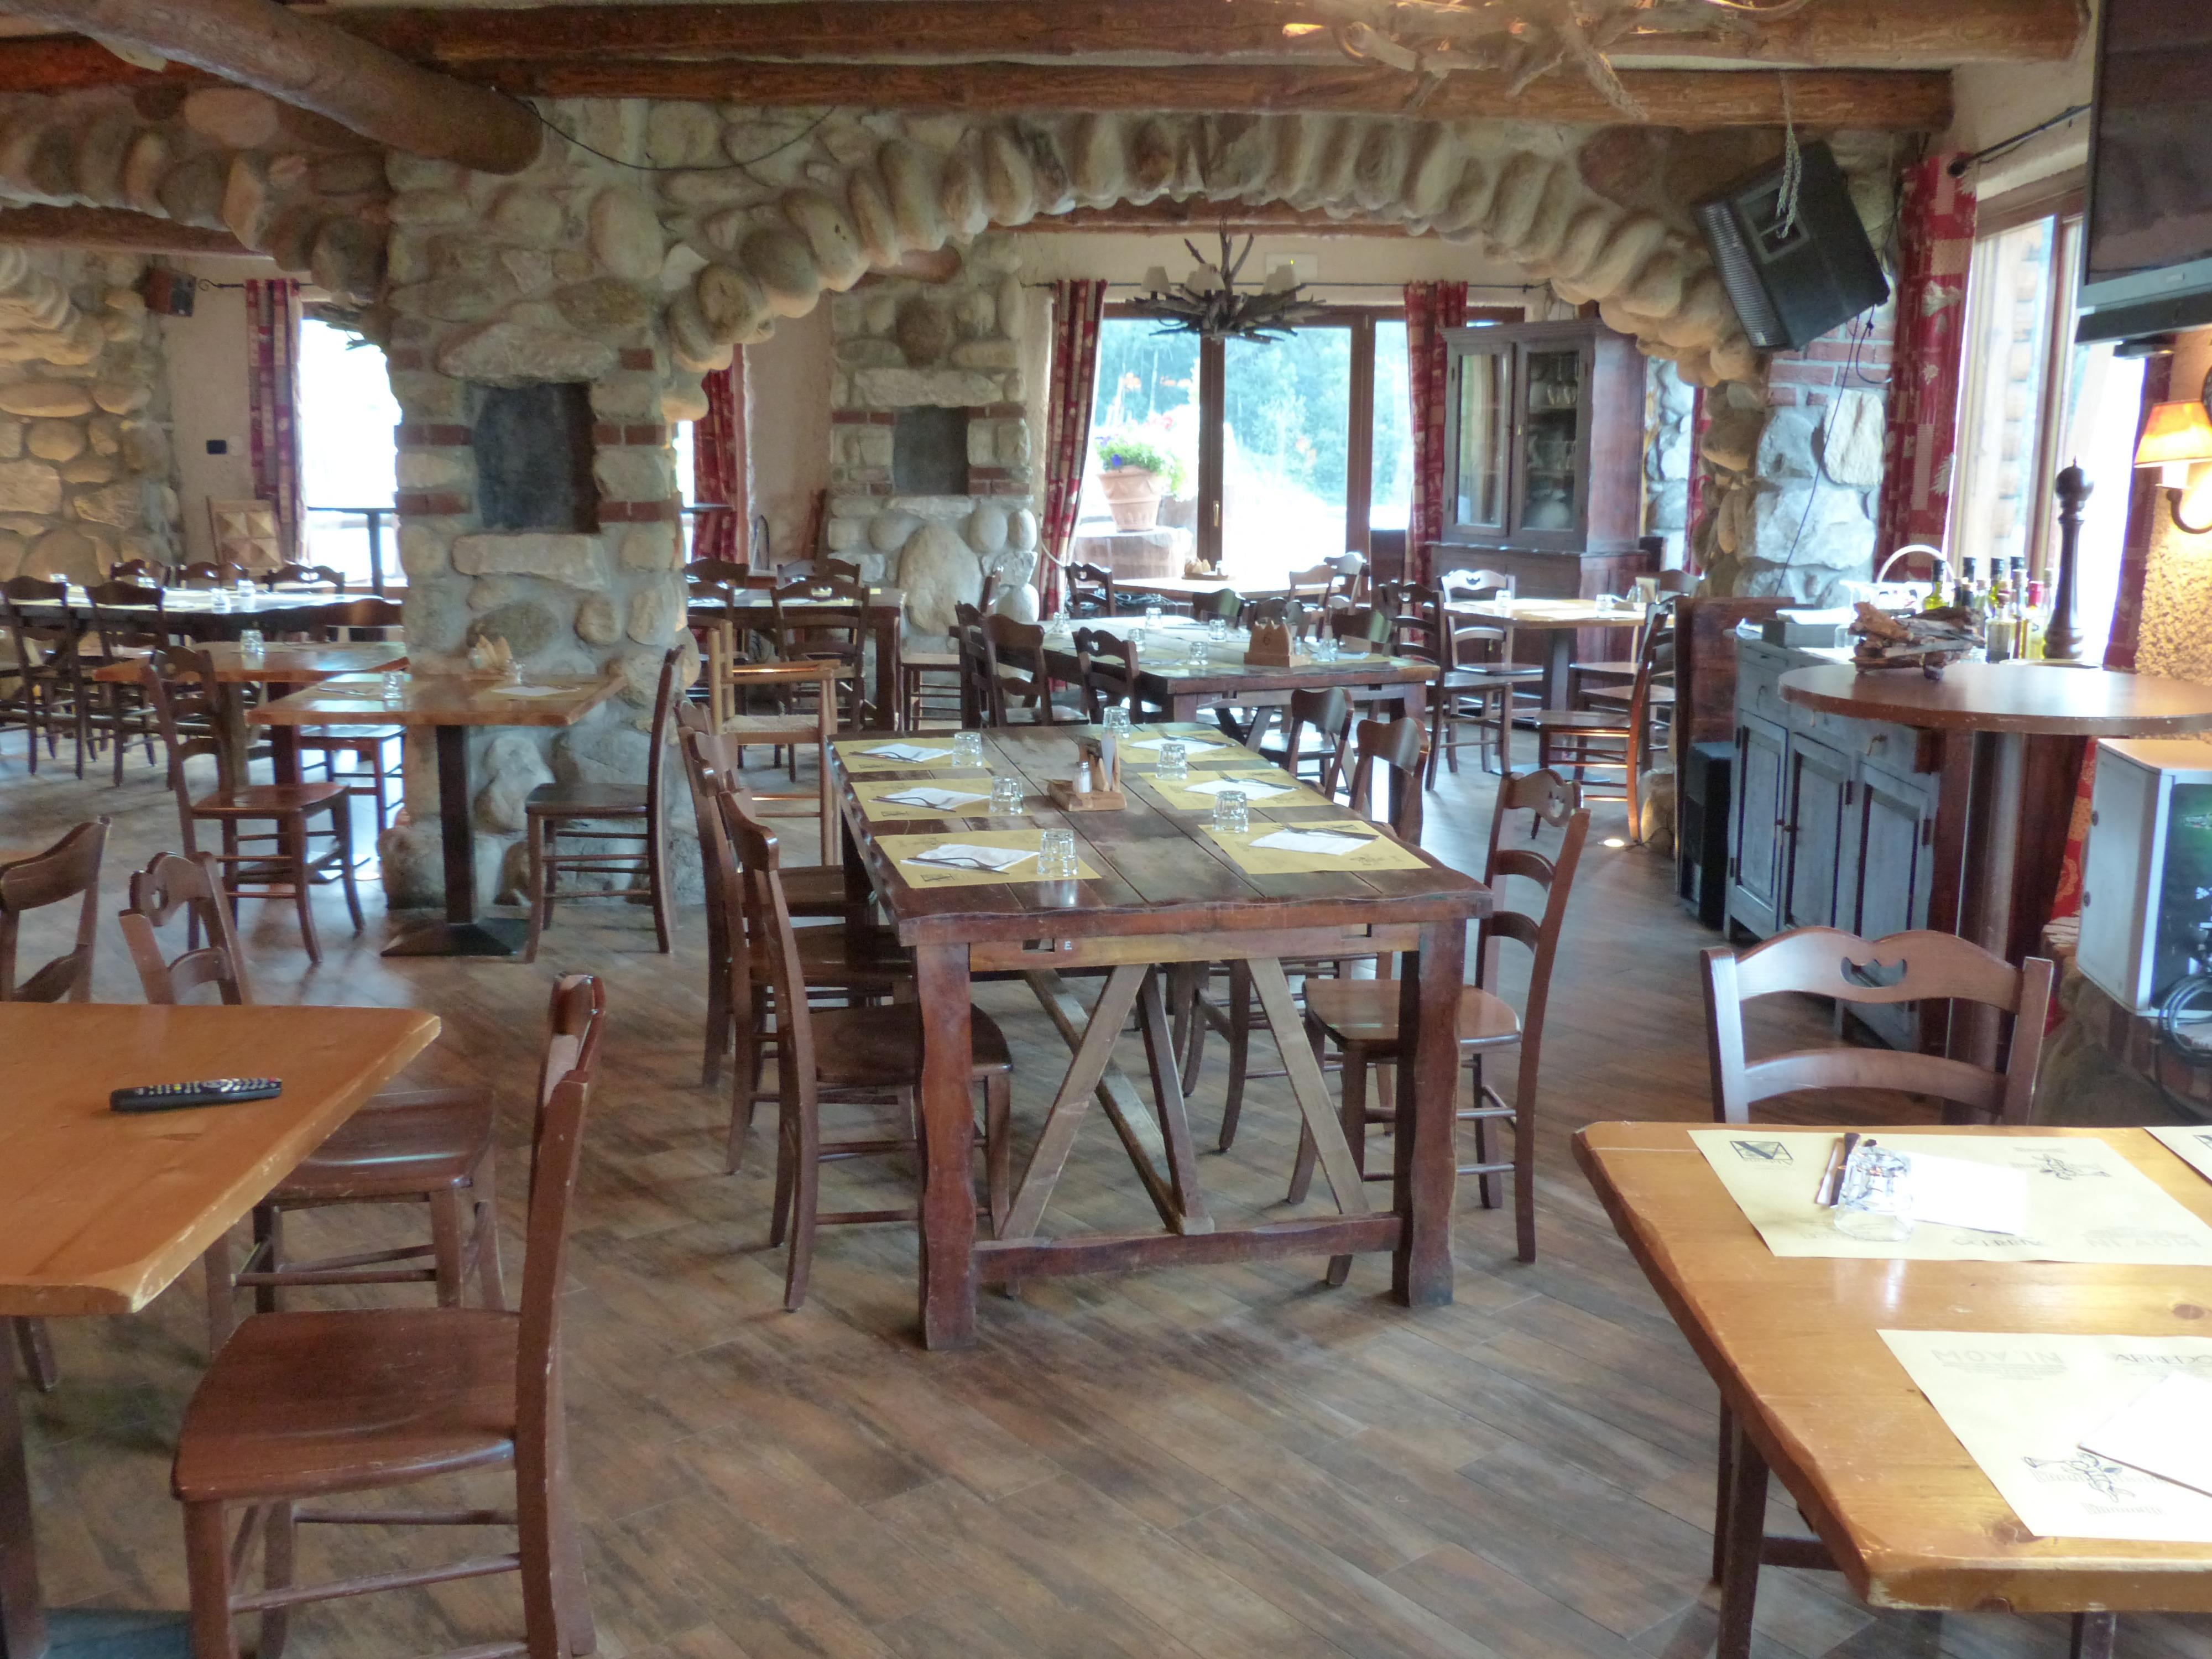 Fenster Restaurant Rustikal Mahlzeit Platz Gemütlich Eigentum Zimmer  Malerisch Immobilien Abdeckung Gasthaus Taverne Esszimmer Gedeckter Tisch